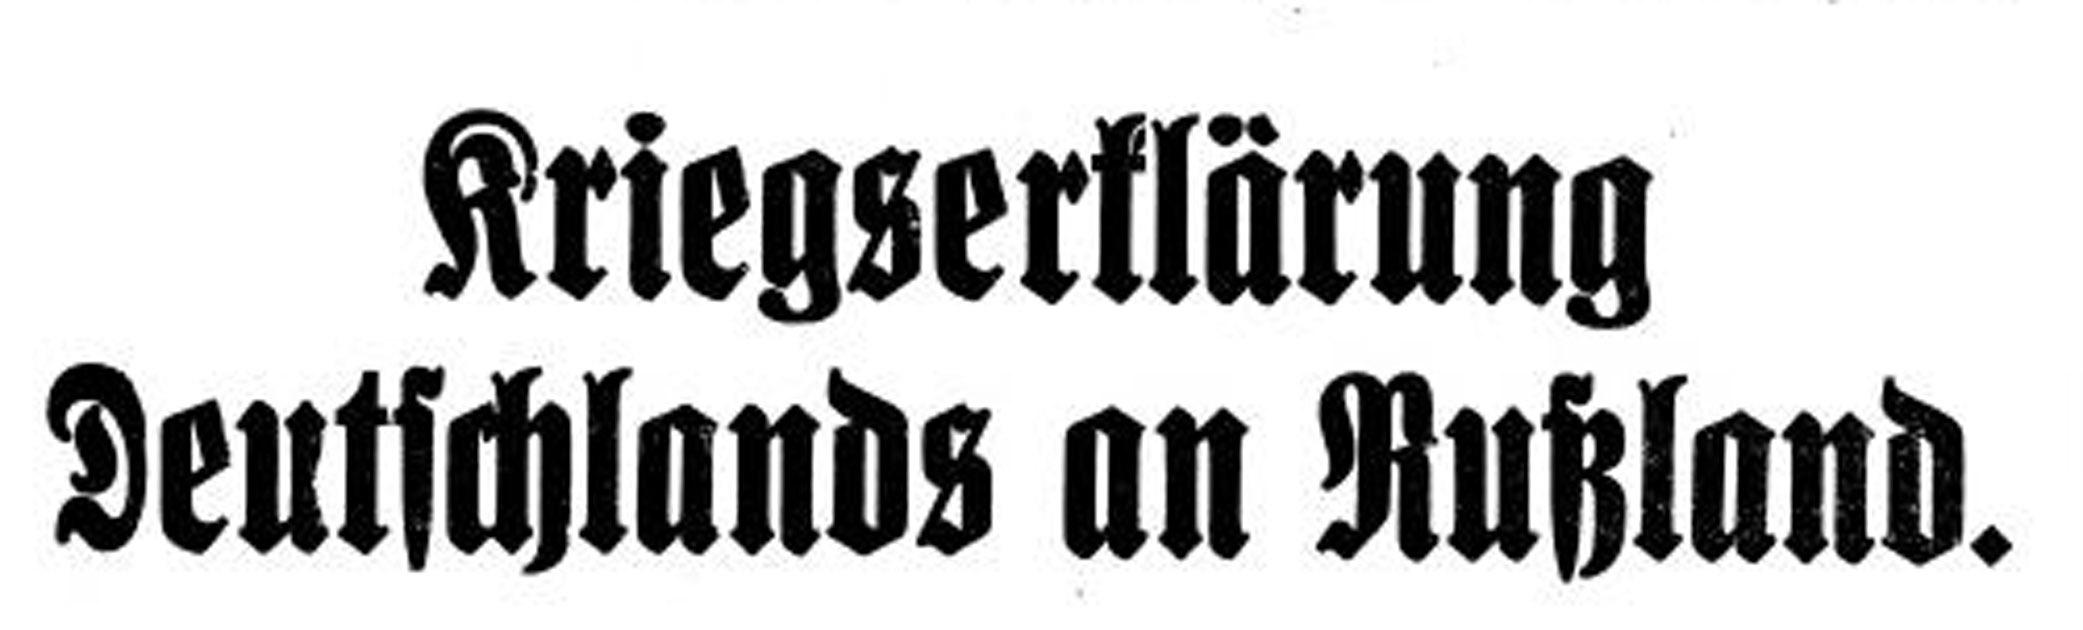 1. august 1914. Kl. 18:00 – Tyskland erklærer Rusland krig!